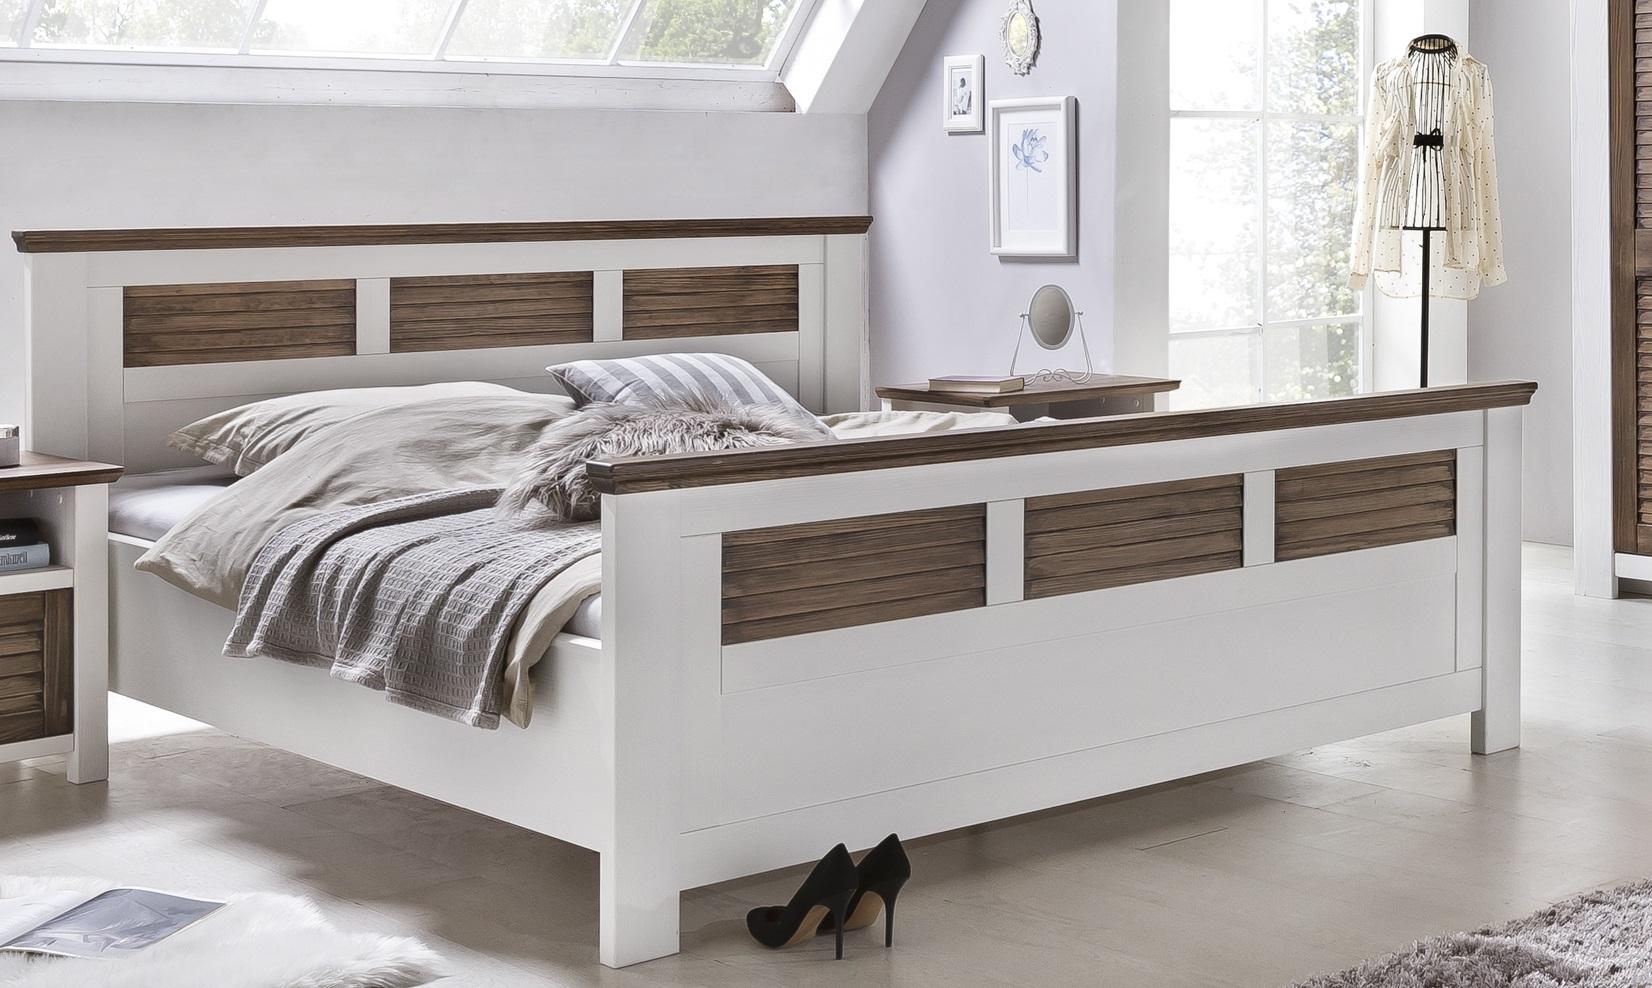 Schlafzimmer laguna pinie teilmassiv wei abs terra gewisch type 44 50 2x60 - Schlafzimmer pinie ...